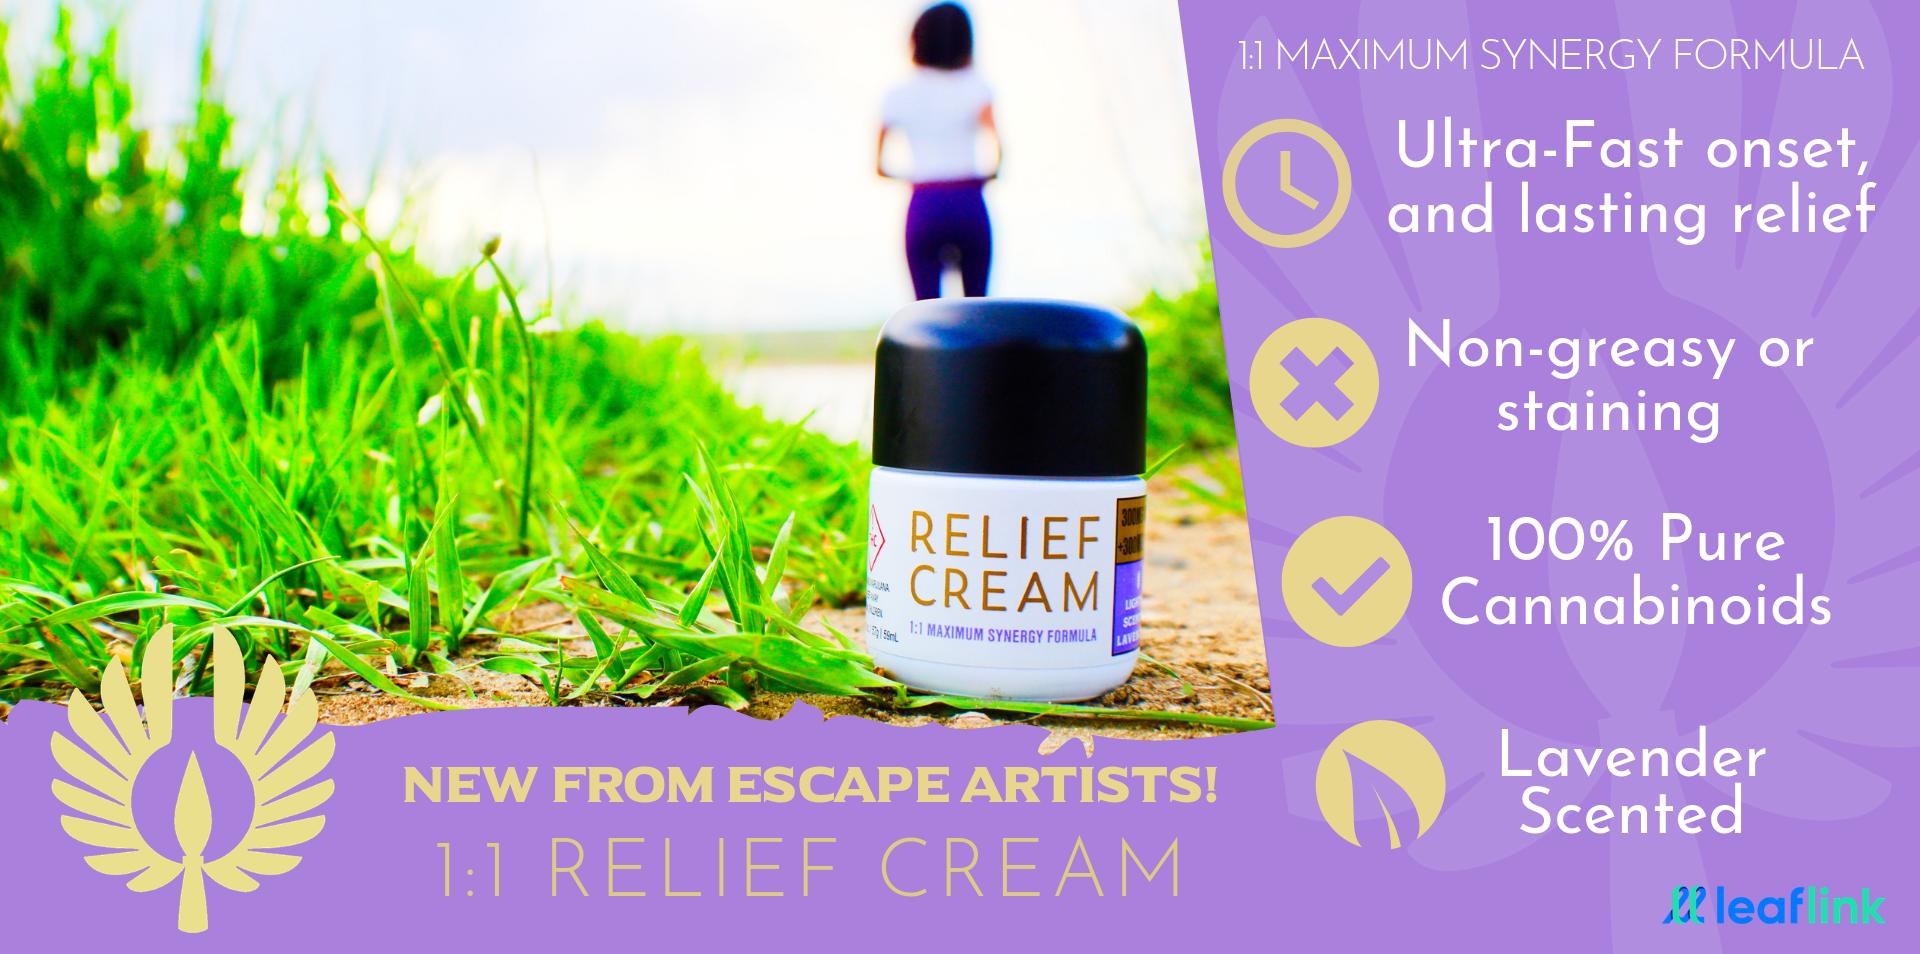 1:1 Relief Cream